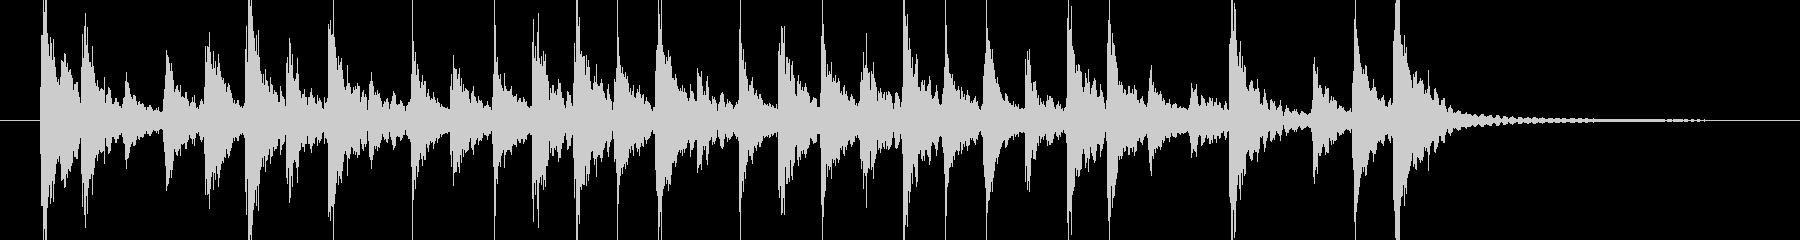 軽い転換や入場 和風三味線太鼓の未再生の波形